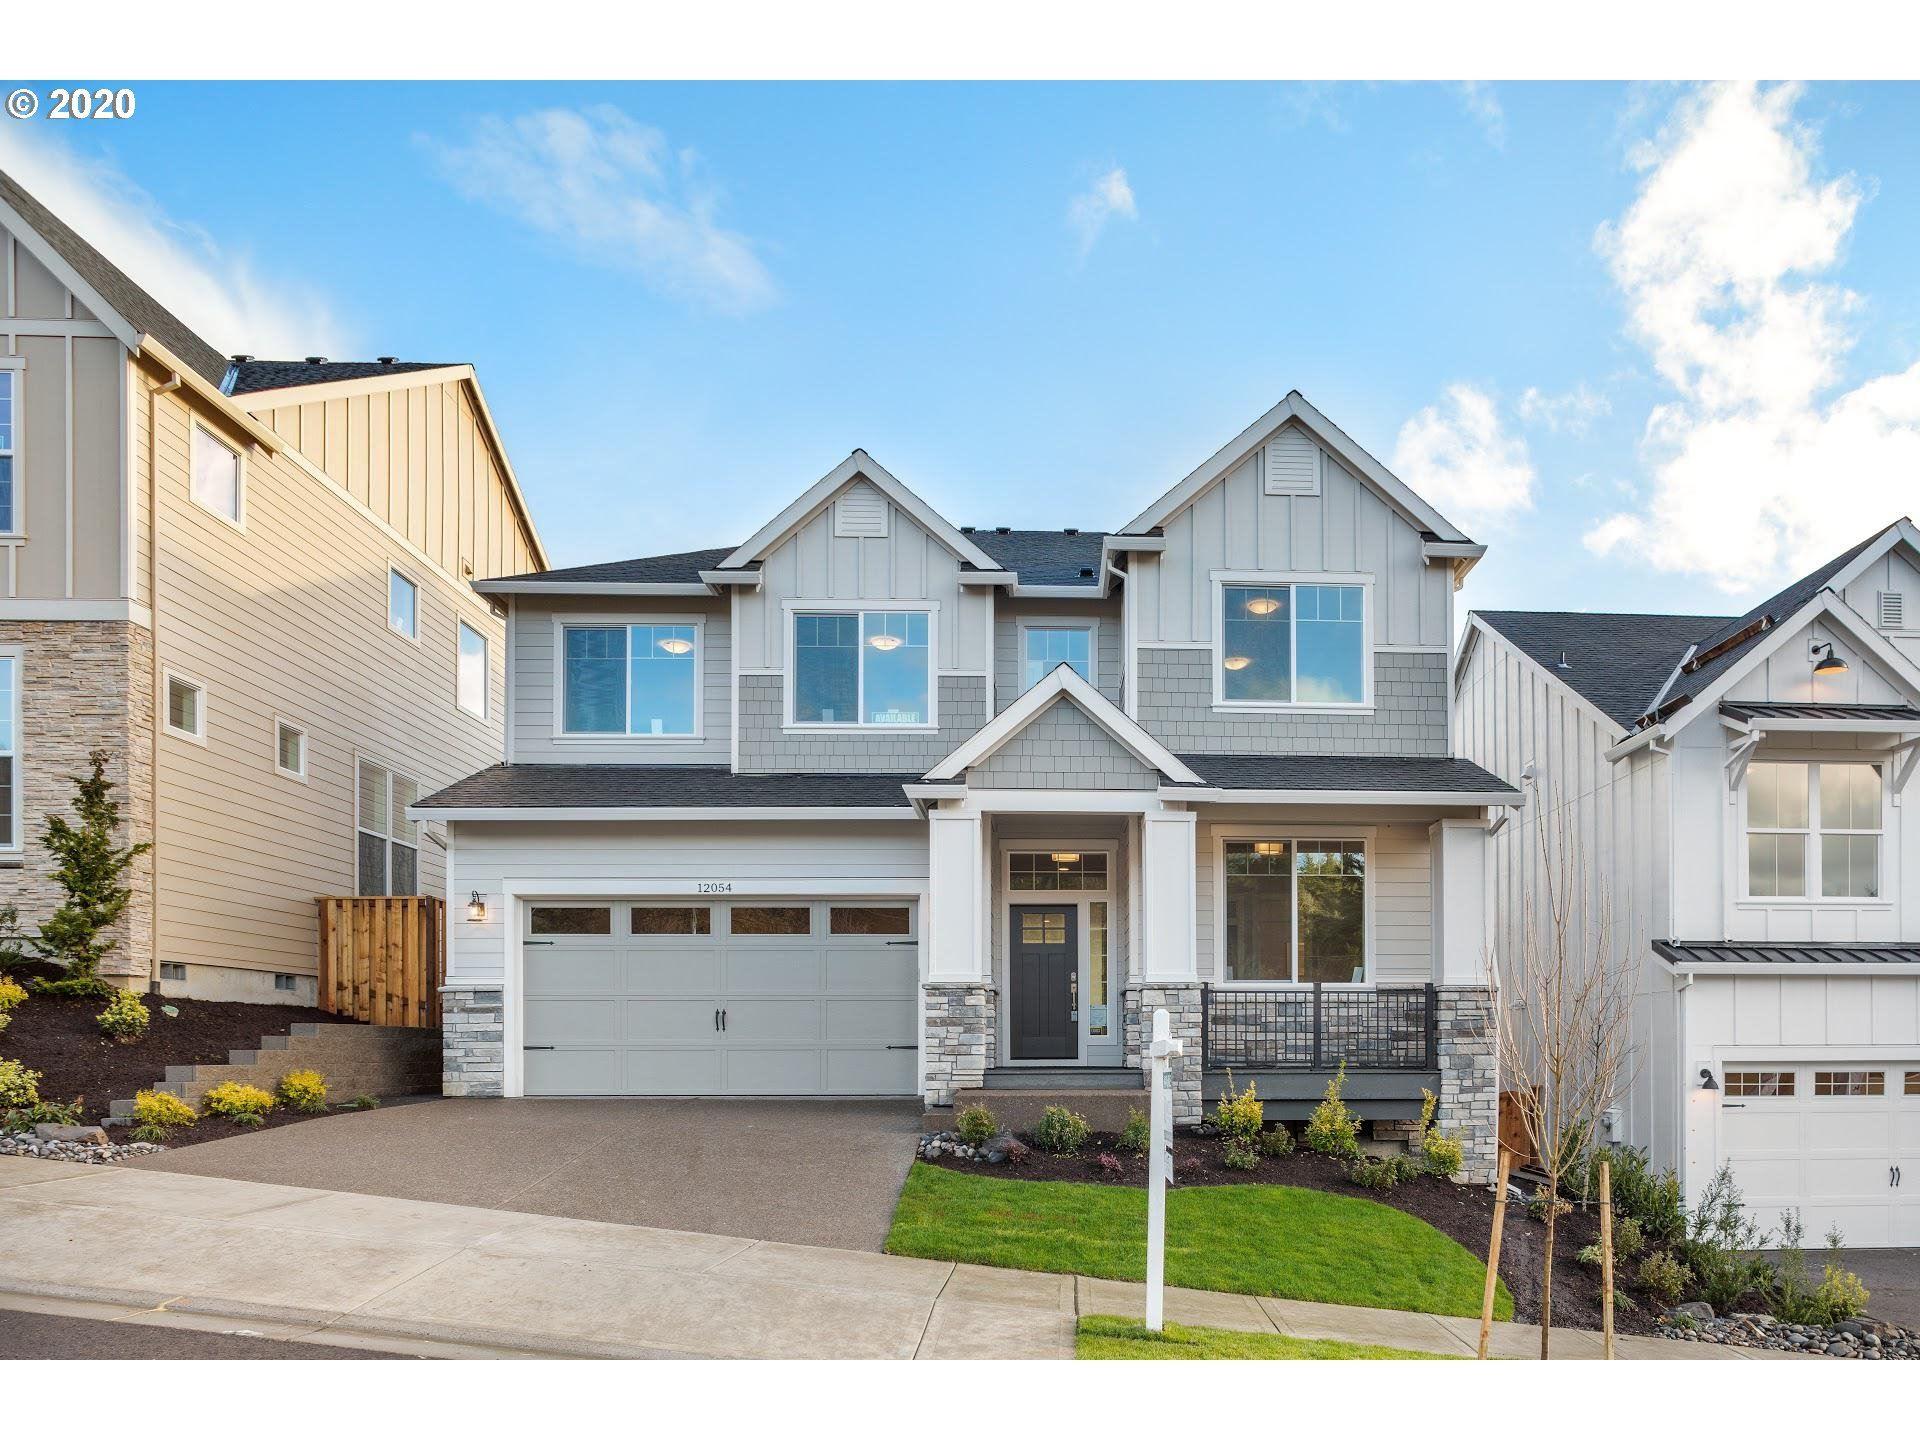 12054 NW Sadie ST, Portland, OR 97229 - MLS#: 20644791